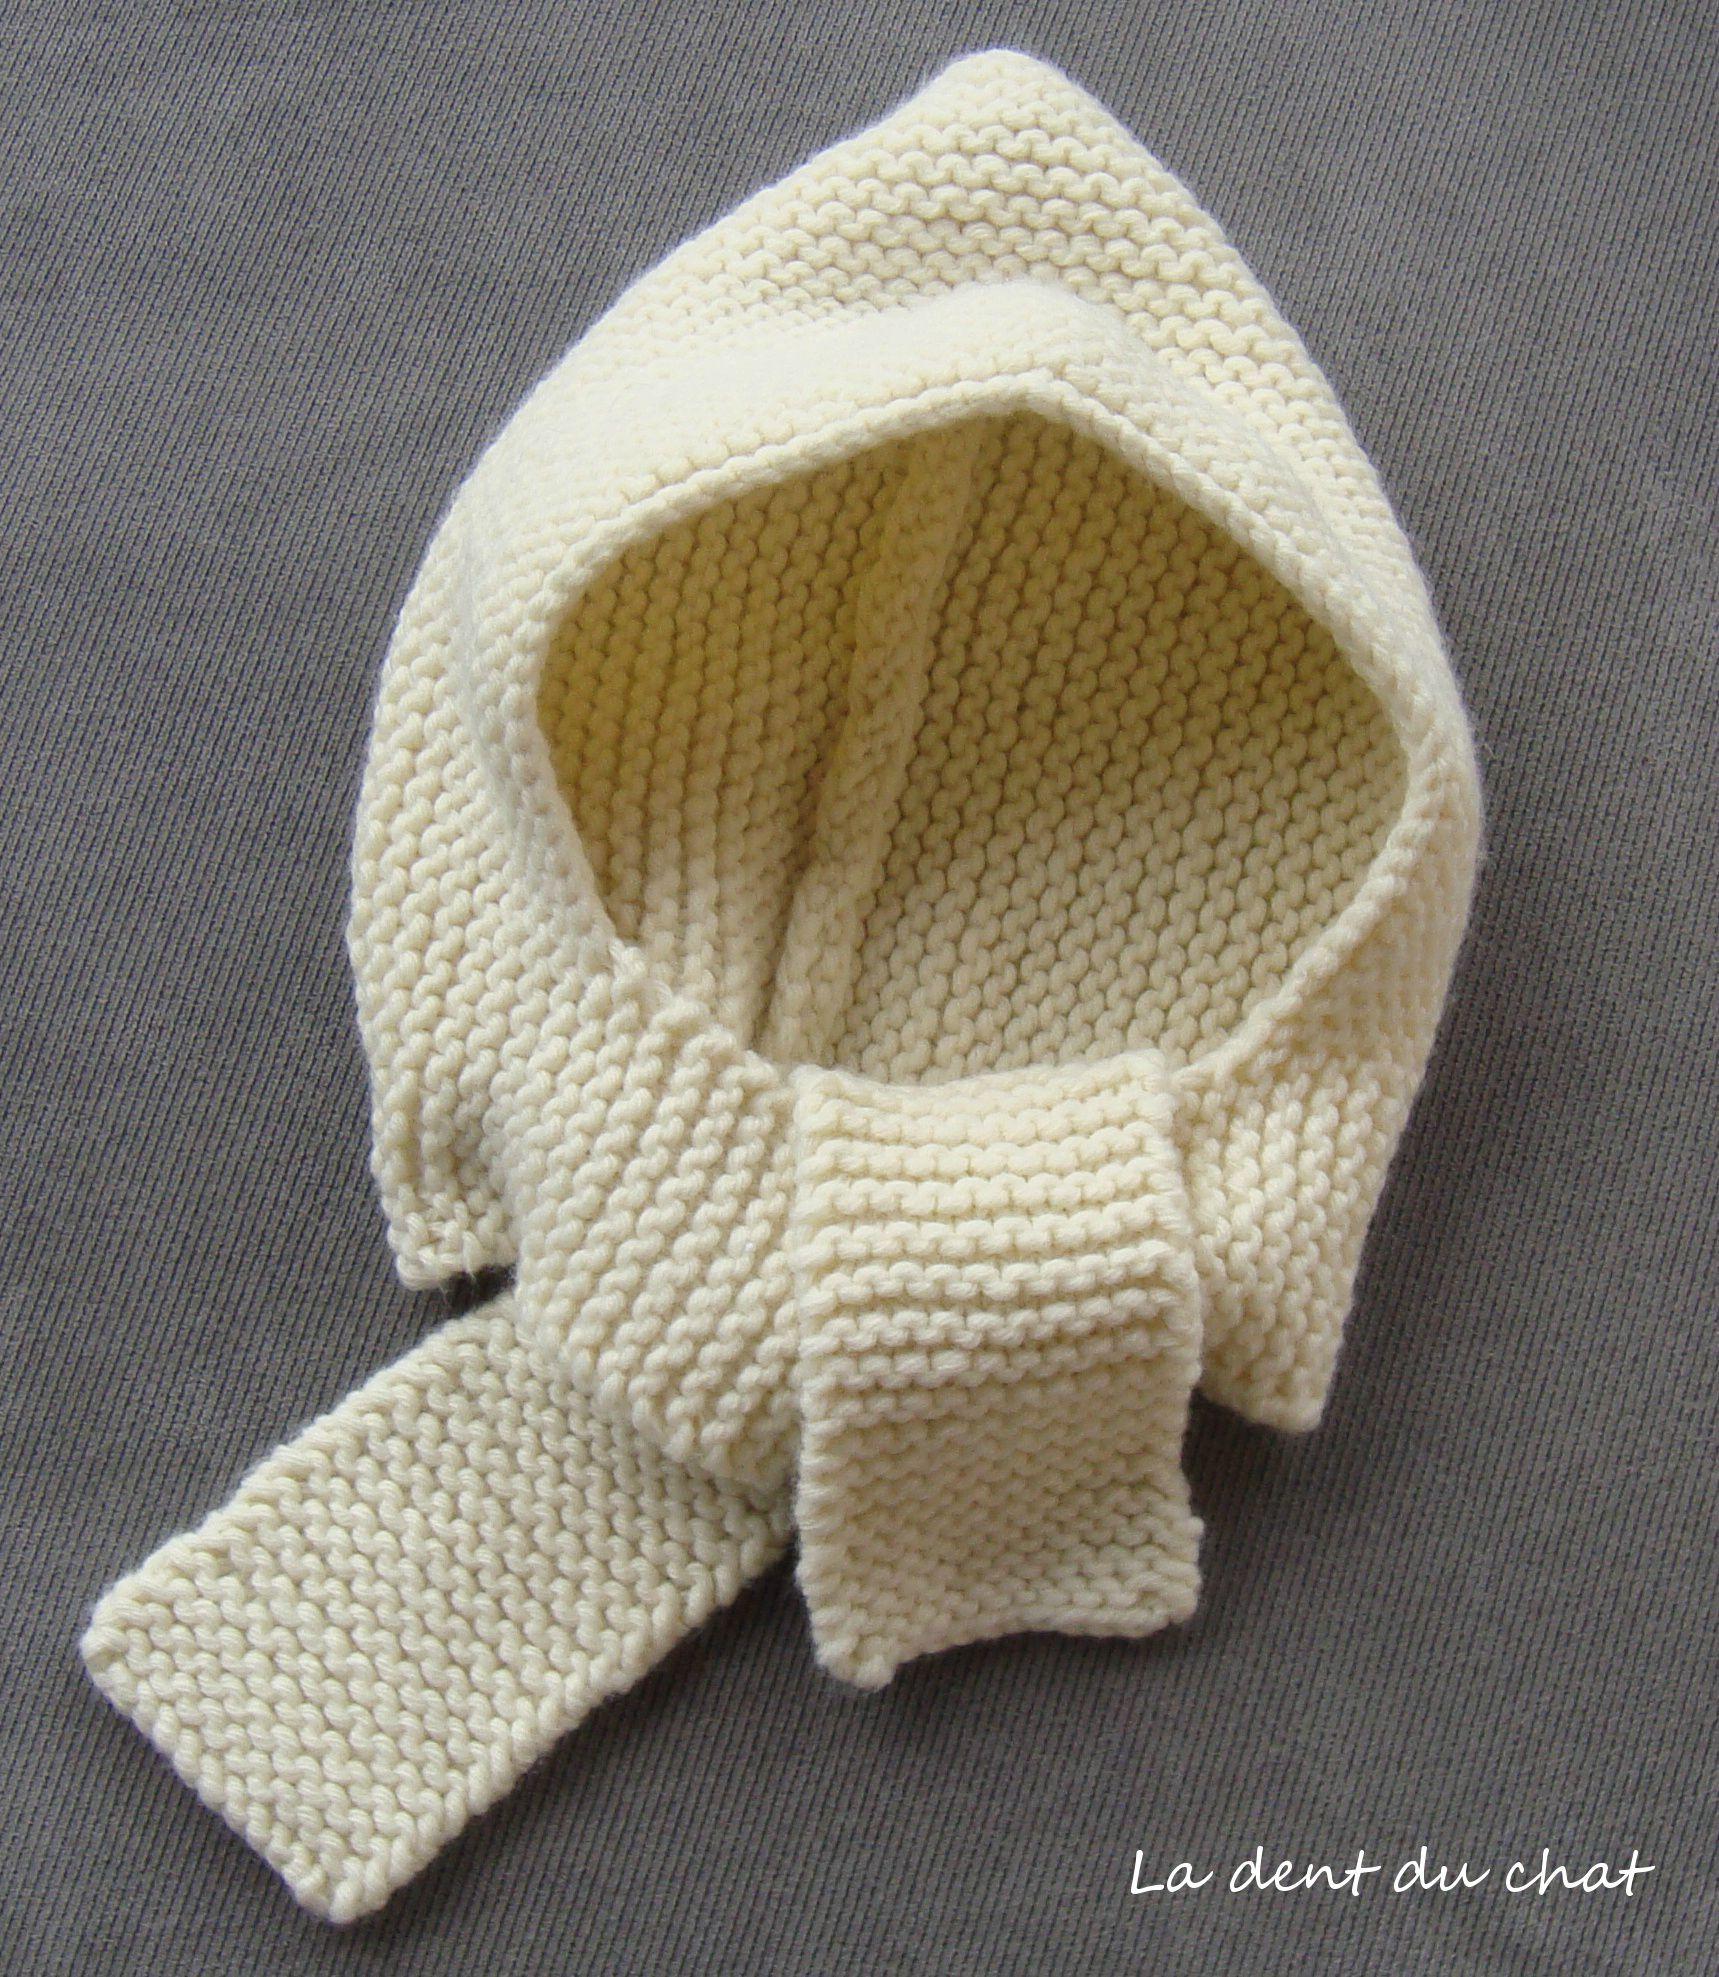 Tricoter un bonnet echarpe - Tricoter une echarpe en laine ...